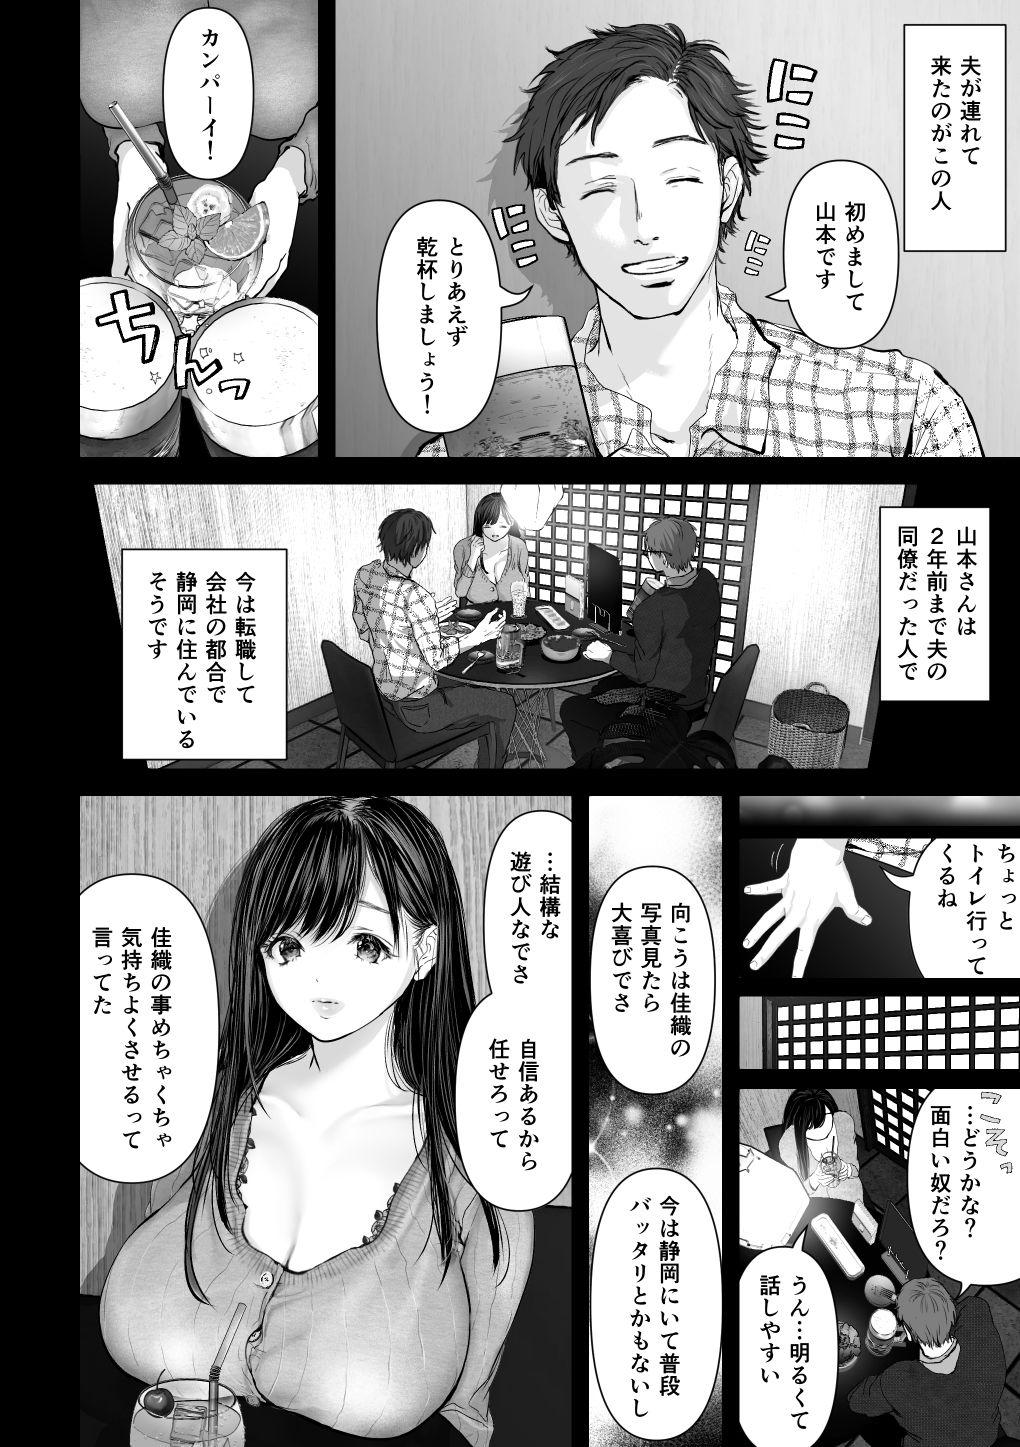 【エロ漫画無料大全集】夫が望むのならと夫以外の男とセックスをしてしまった人妻の運命が…